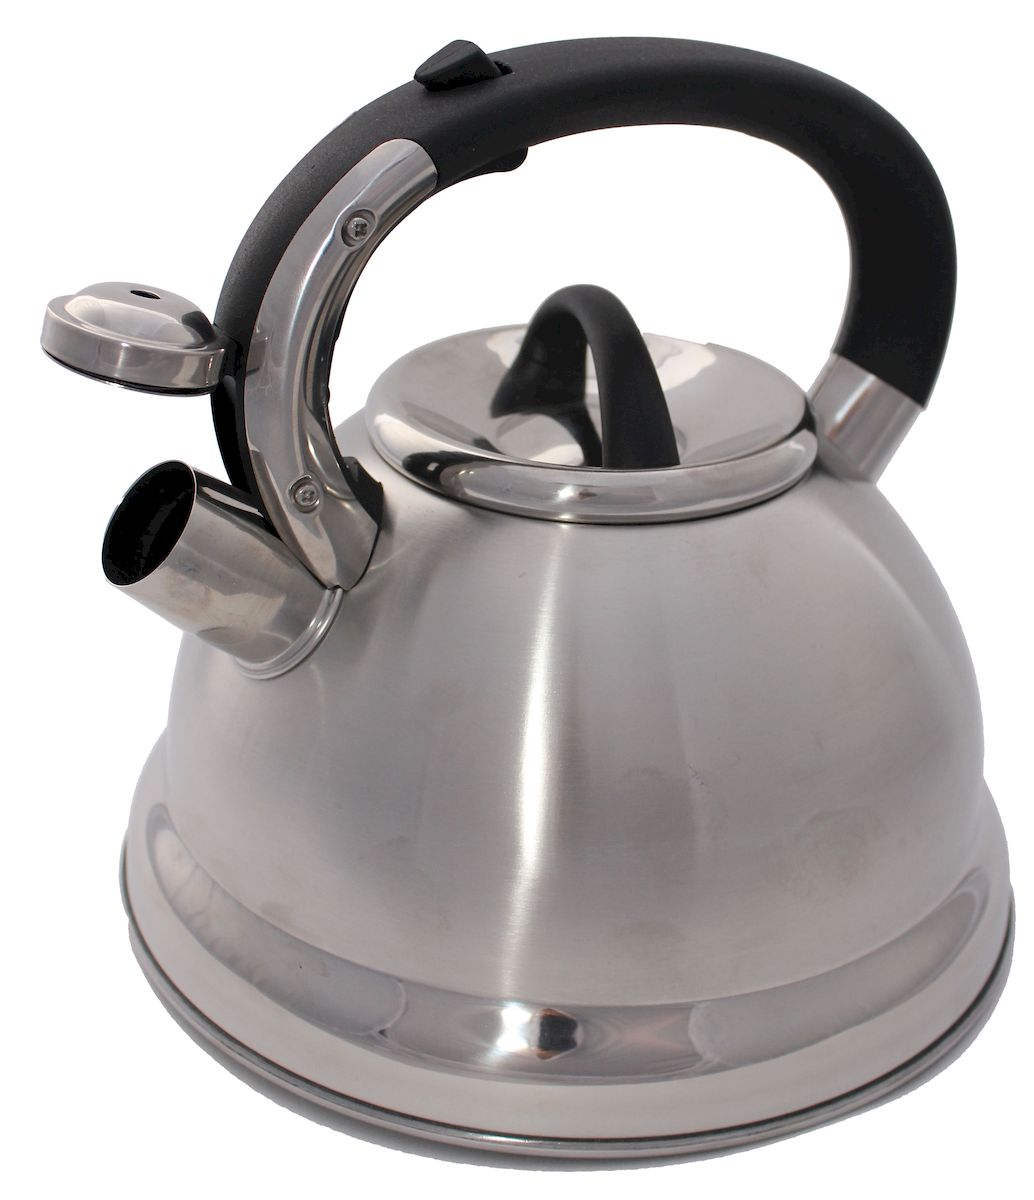 Чайник Hoffmann, со свистком, цвет: стальной, черный, 4,8 лW11000320Чайник Hoffmann выполнен из высококачественной нержавеющей стали, что делает его весьма гигиеничным и устойчивым к износу при длительном использовании. Носик чайника оснащен насадкой-свистком, что позволит вам контролировать процесс подогрева или кипячения воды. Фиксированная ручка, изготовленная из бакелита, оснащена механизмом открывания носика. Эстетичный и функциональный чайник будет оригинально смотреться в любом интерьере.Подходит для всех типов плит, включая индукционные. Можно мыть в посудомоечной машине.